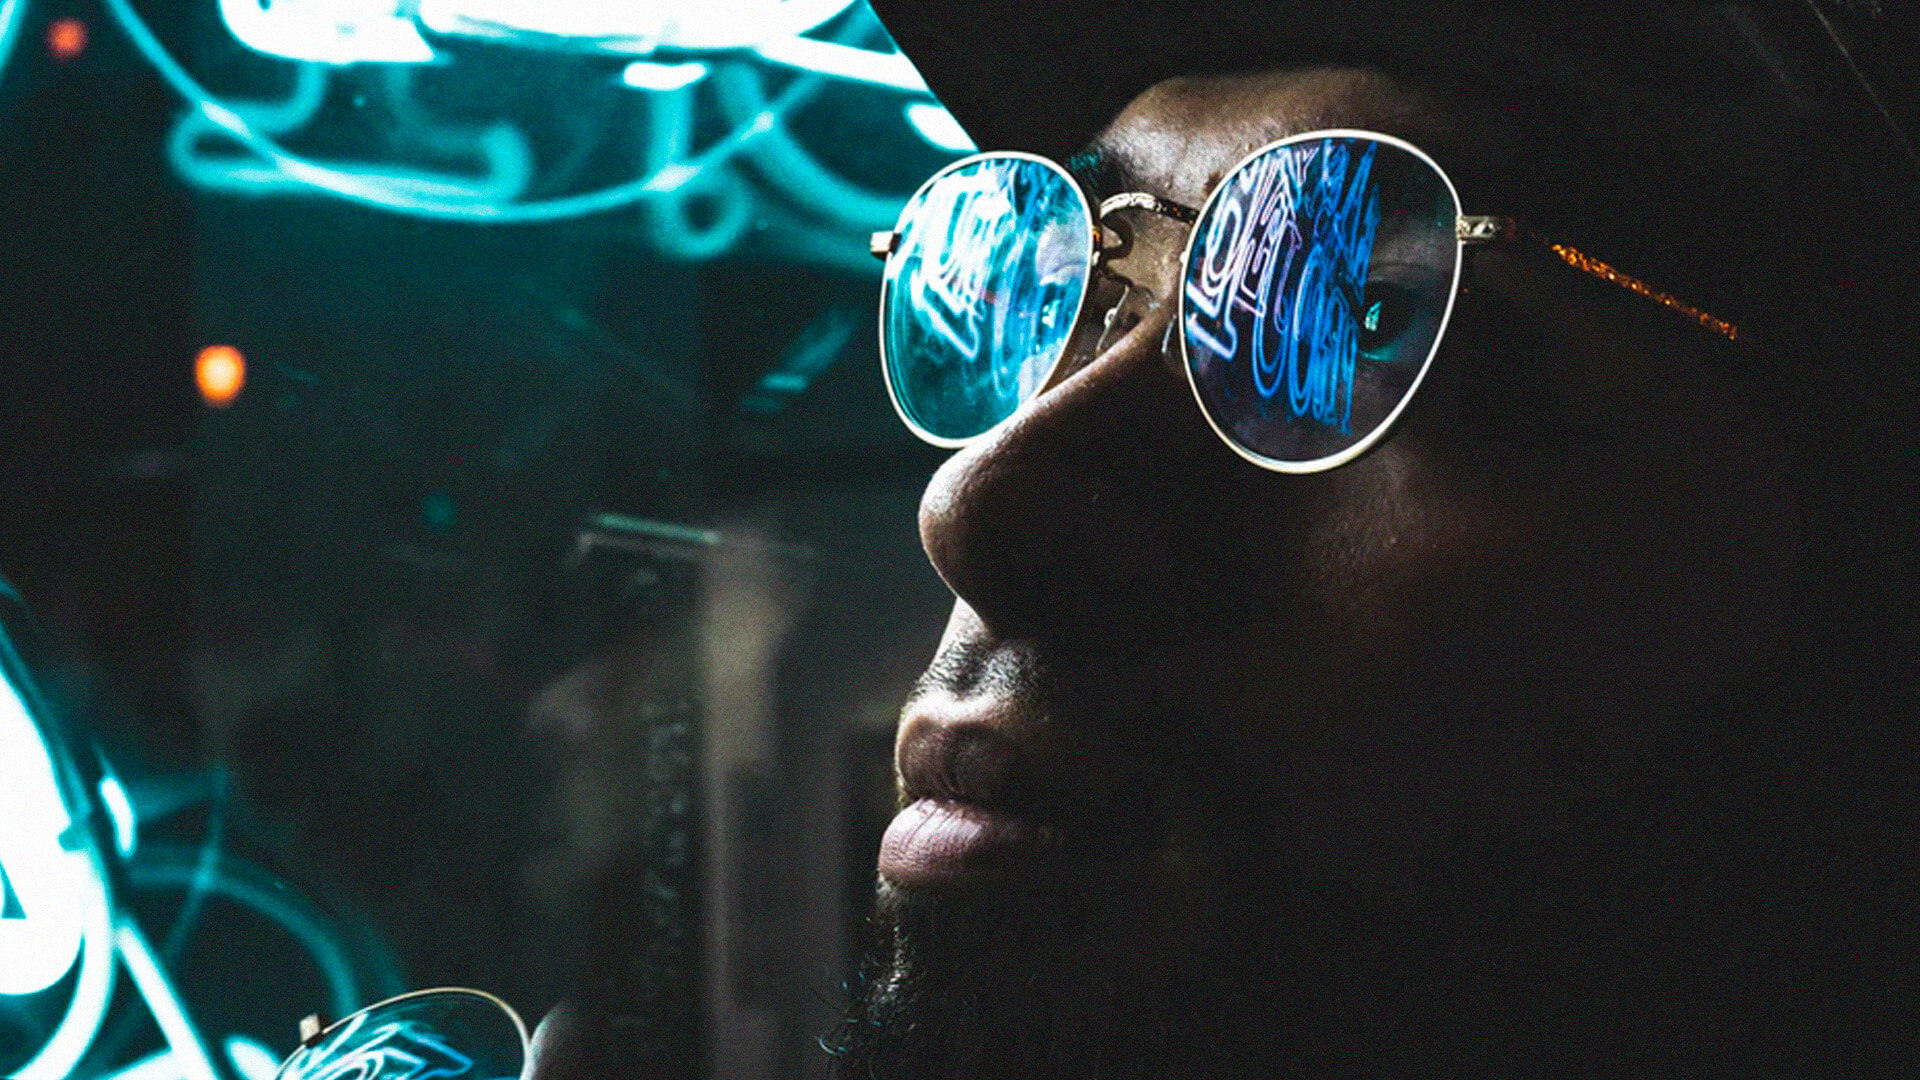 Okuliare na modré svetlo